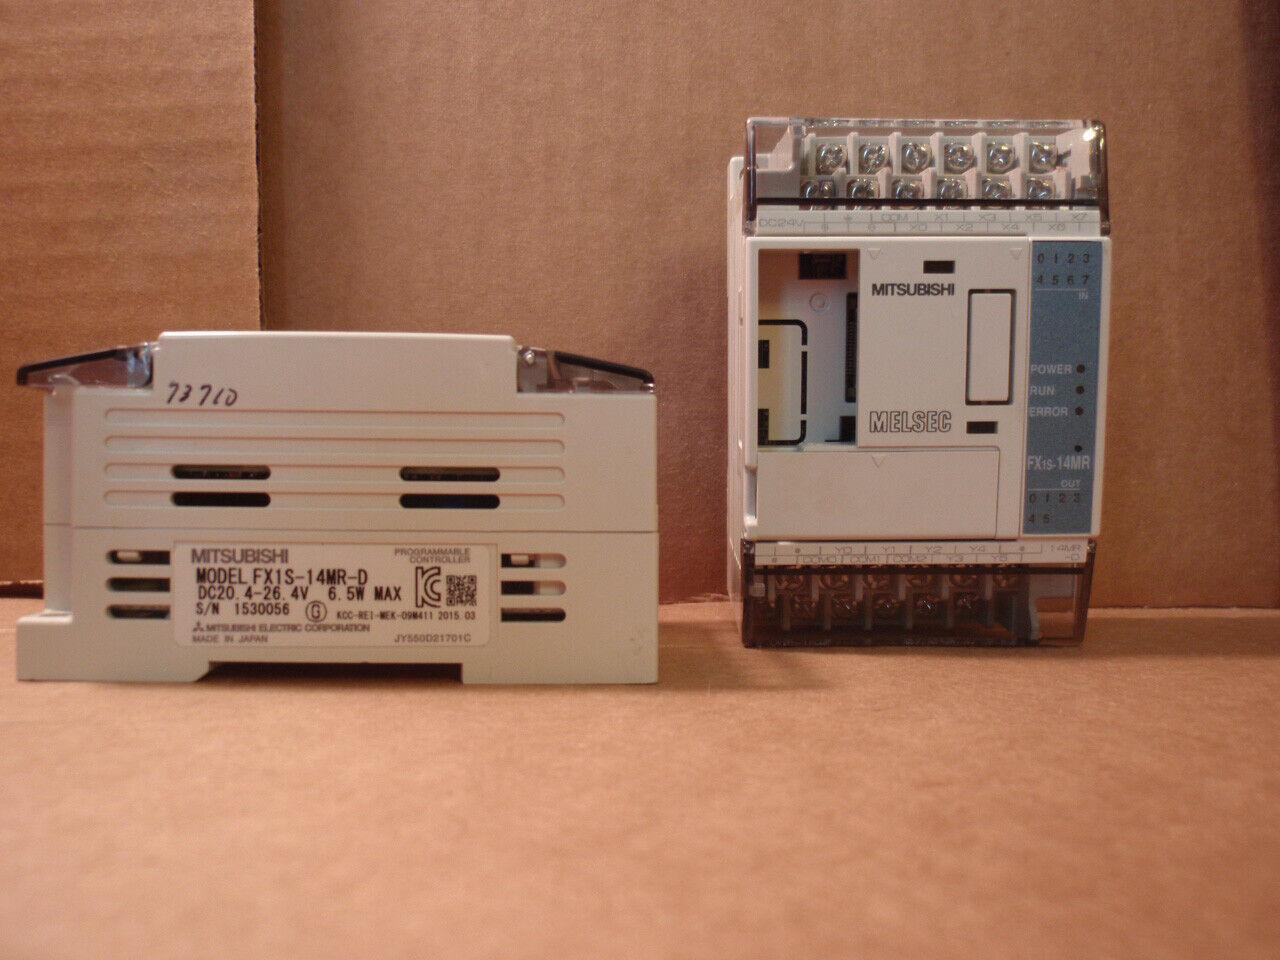 FX1S-14MR-D Mitsubishi PLC 14 I O Point CPU System FX1S14MRD